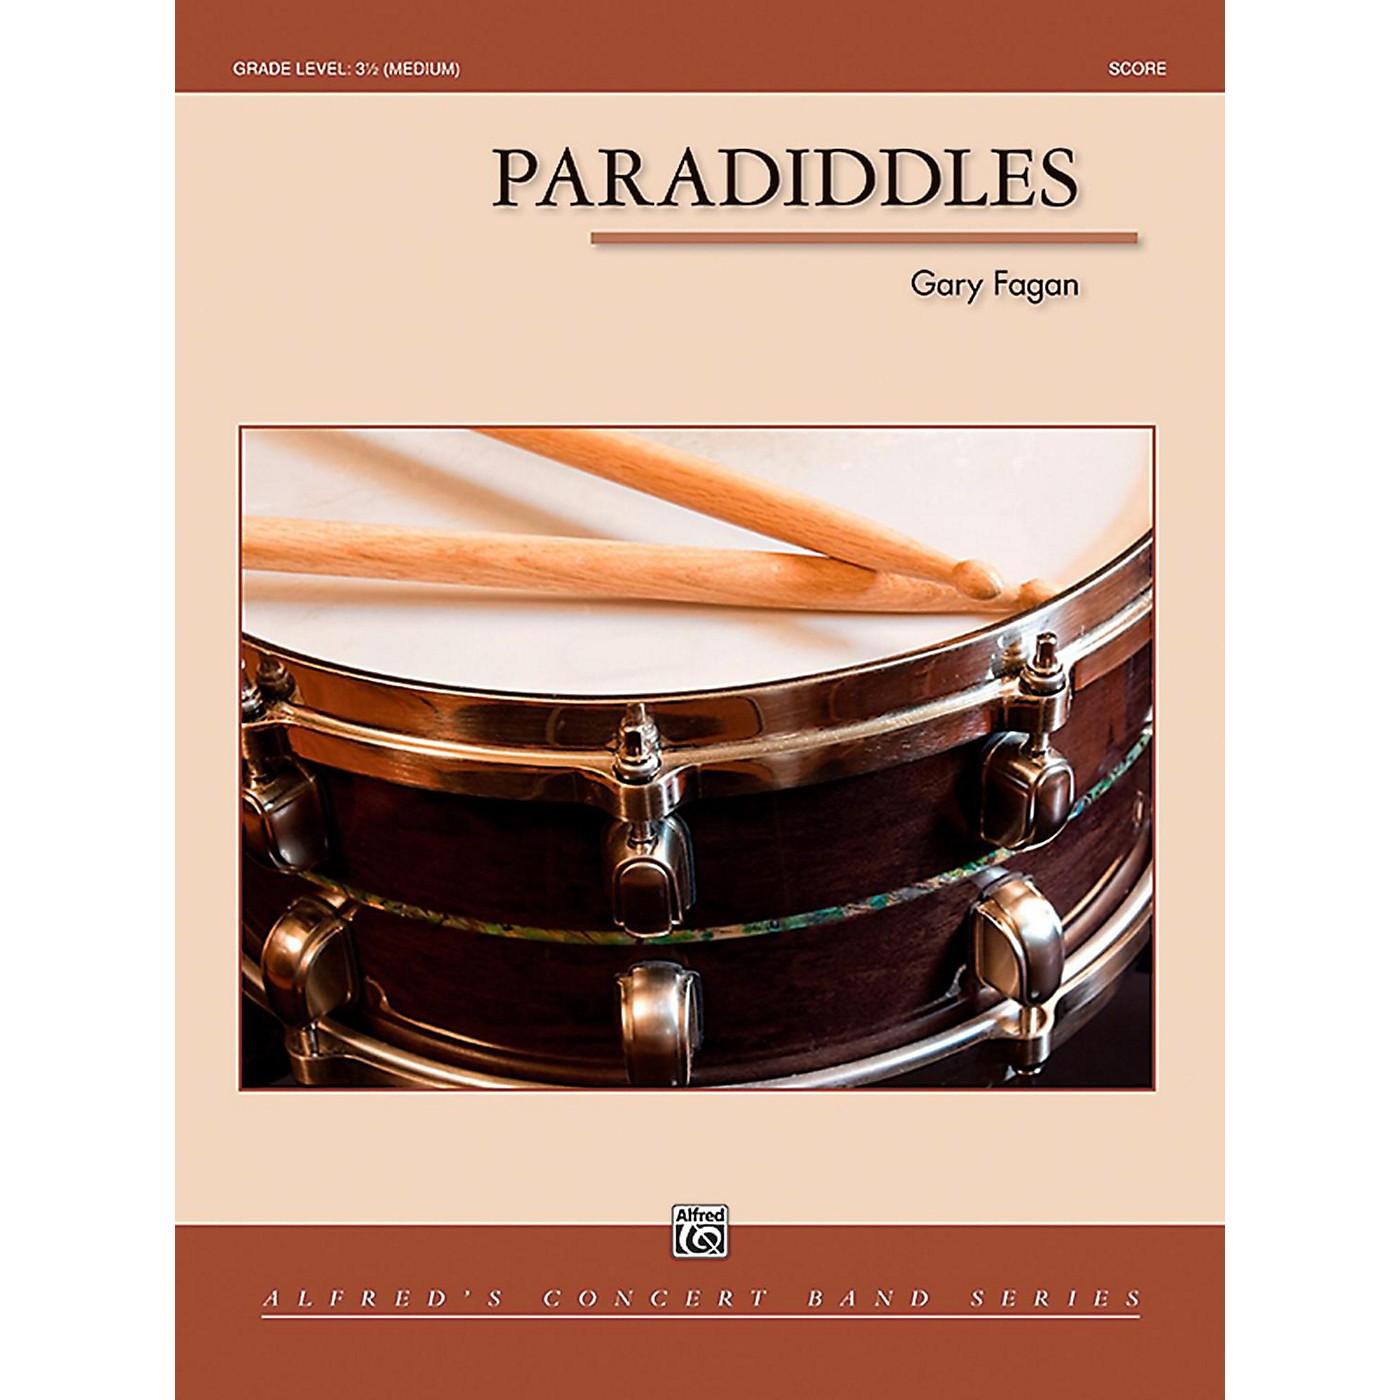 Alfred Paradiddles Concert Band Grade 3.5 (Medium) thumbnail